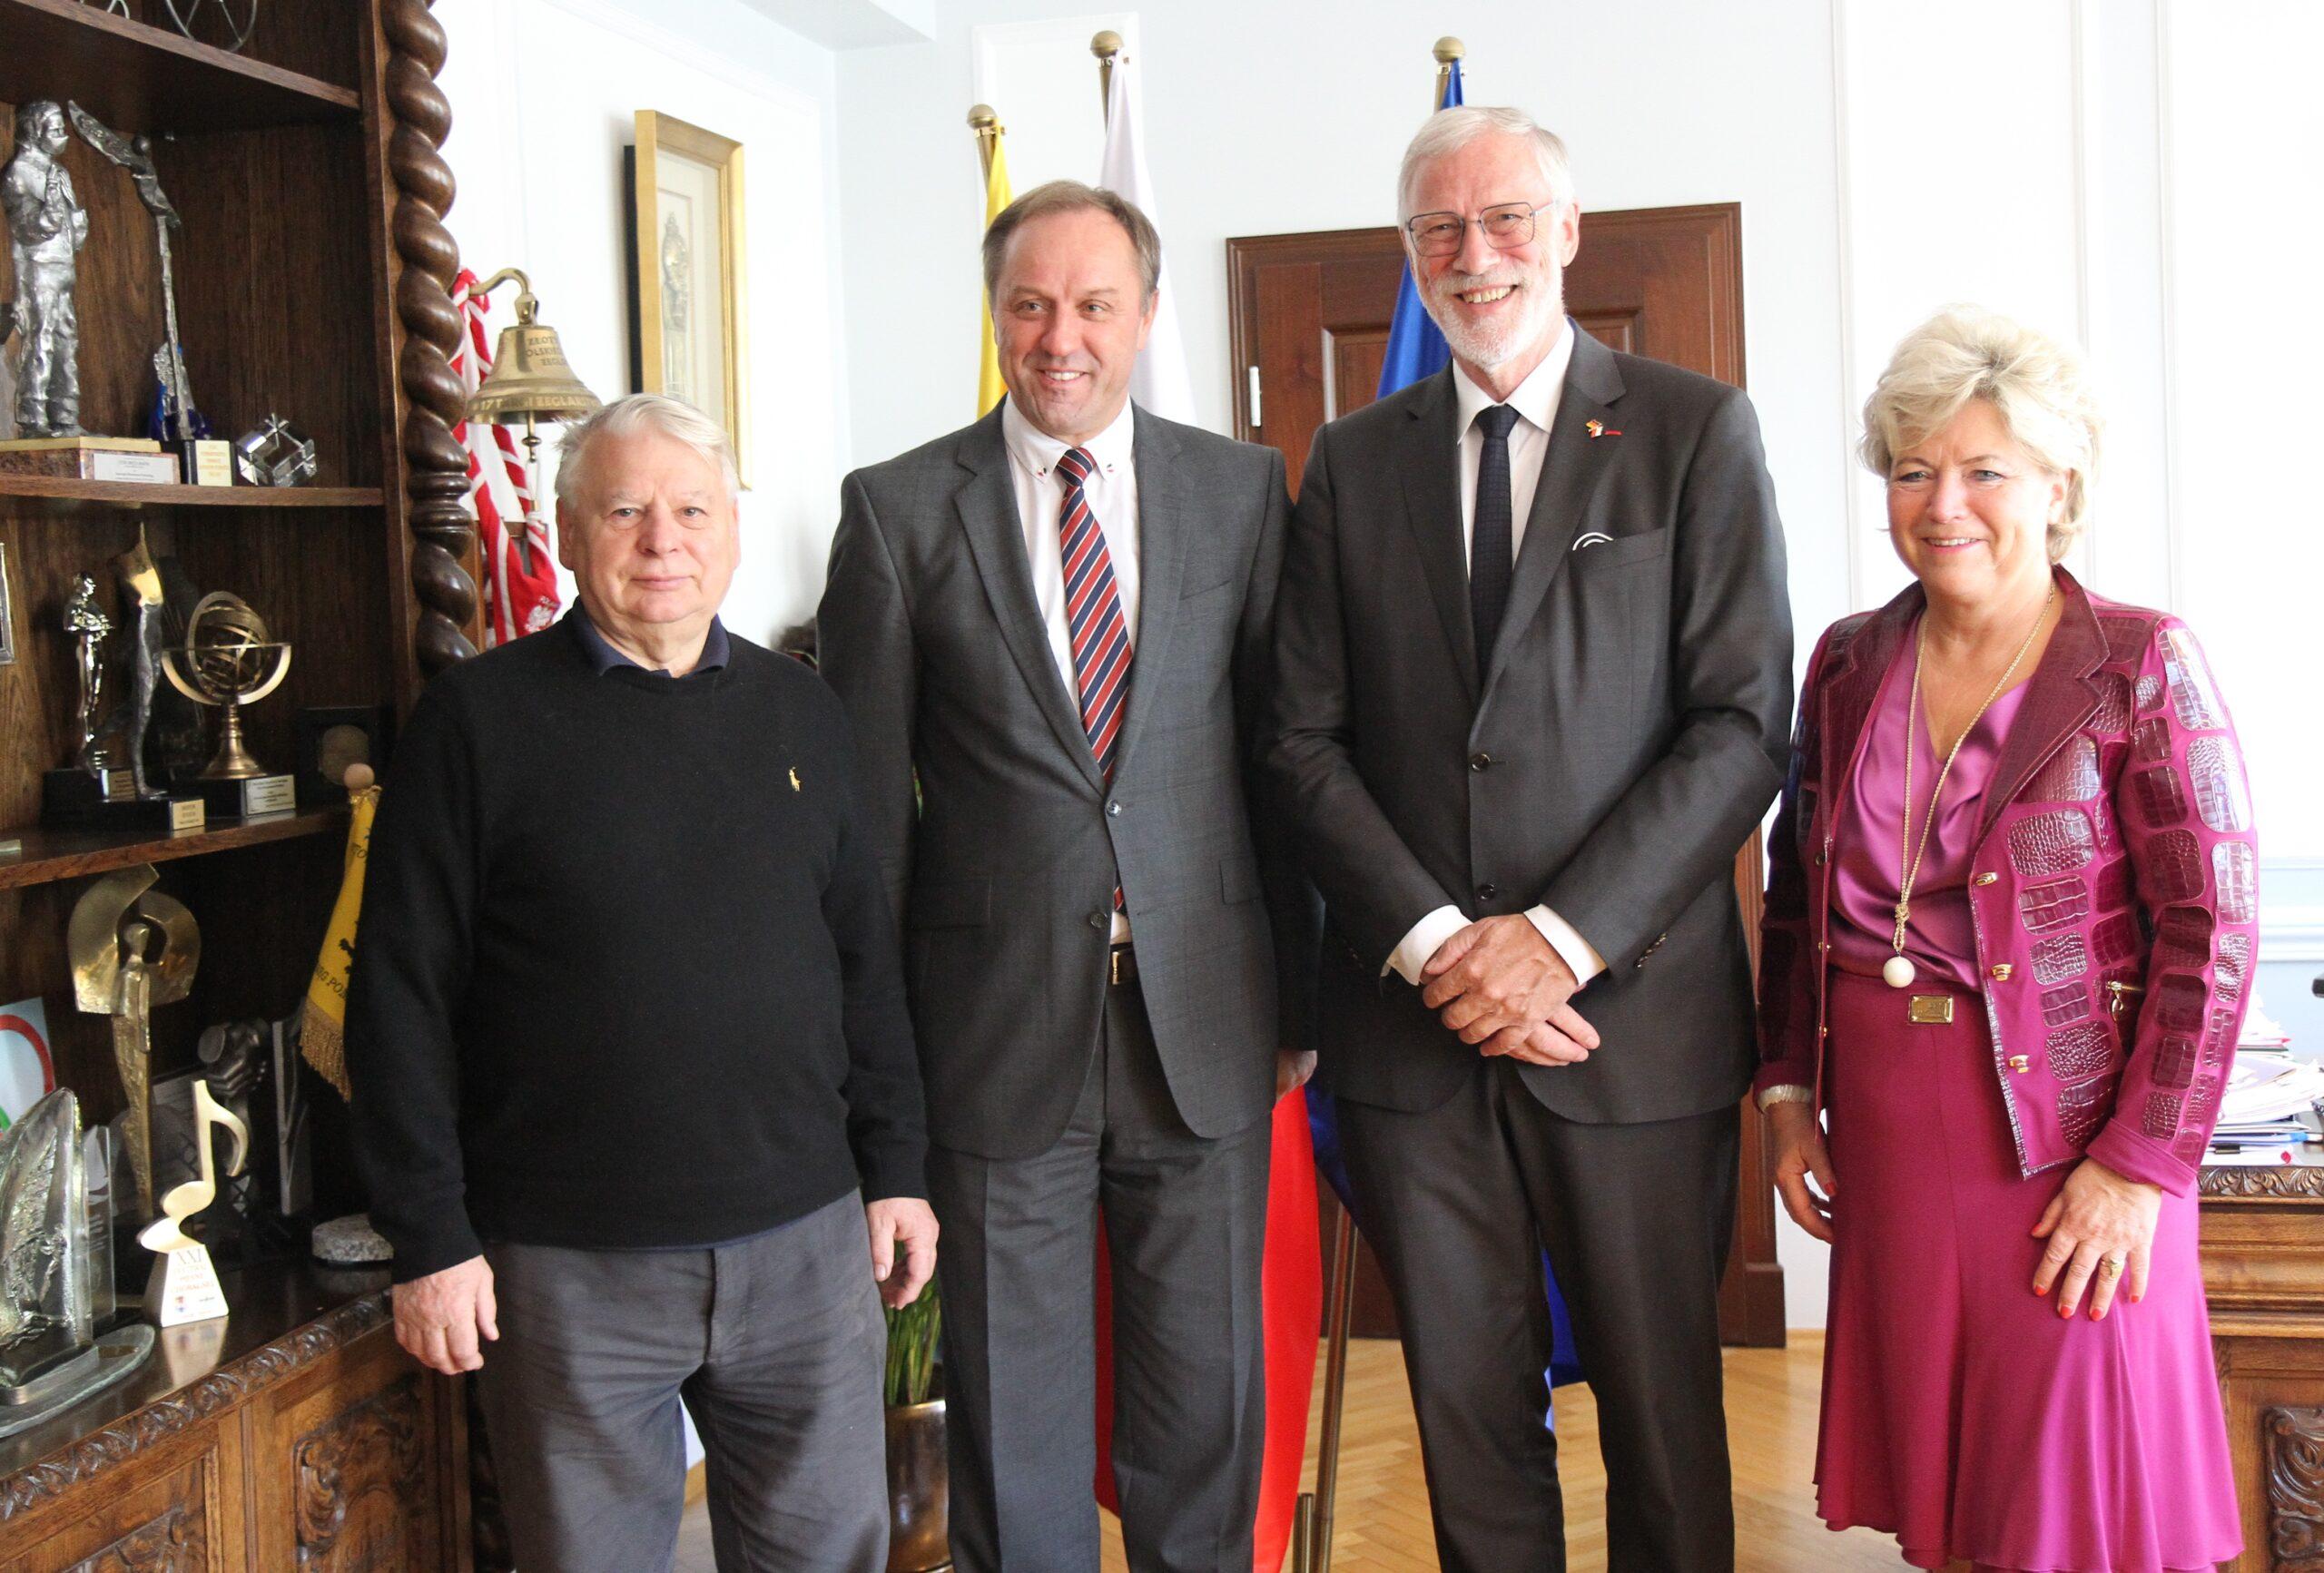 Minister Robra z Saksonii Anhalt z wizytą na Pomorzu. O czym rozmawiał z marszałkiem?